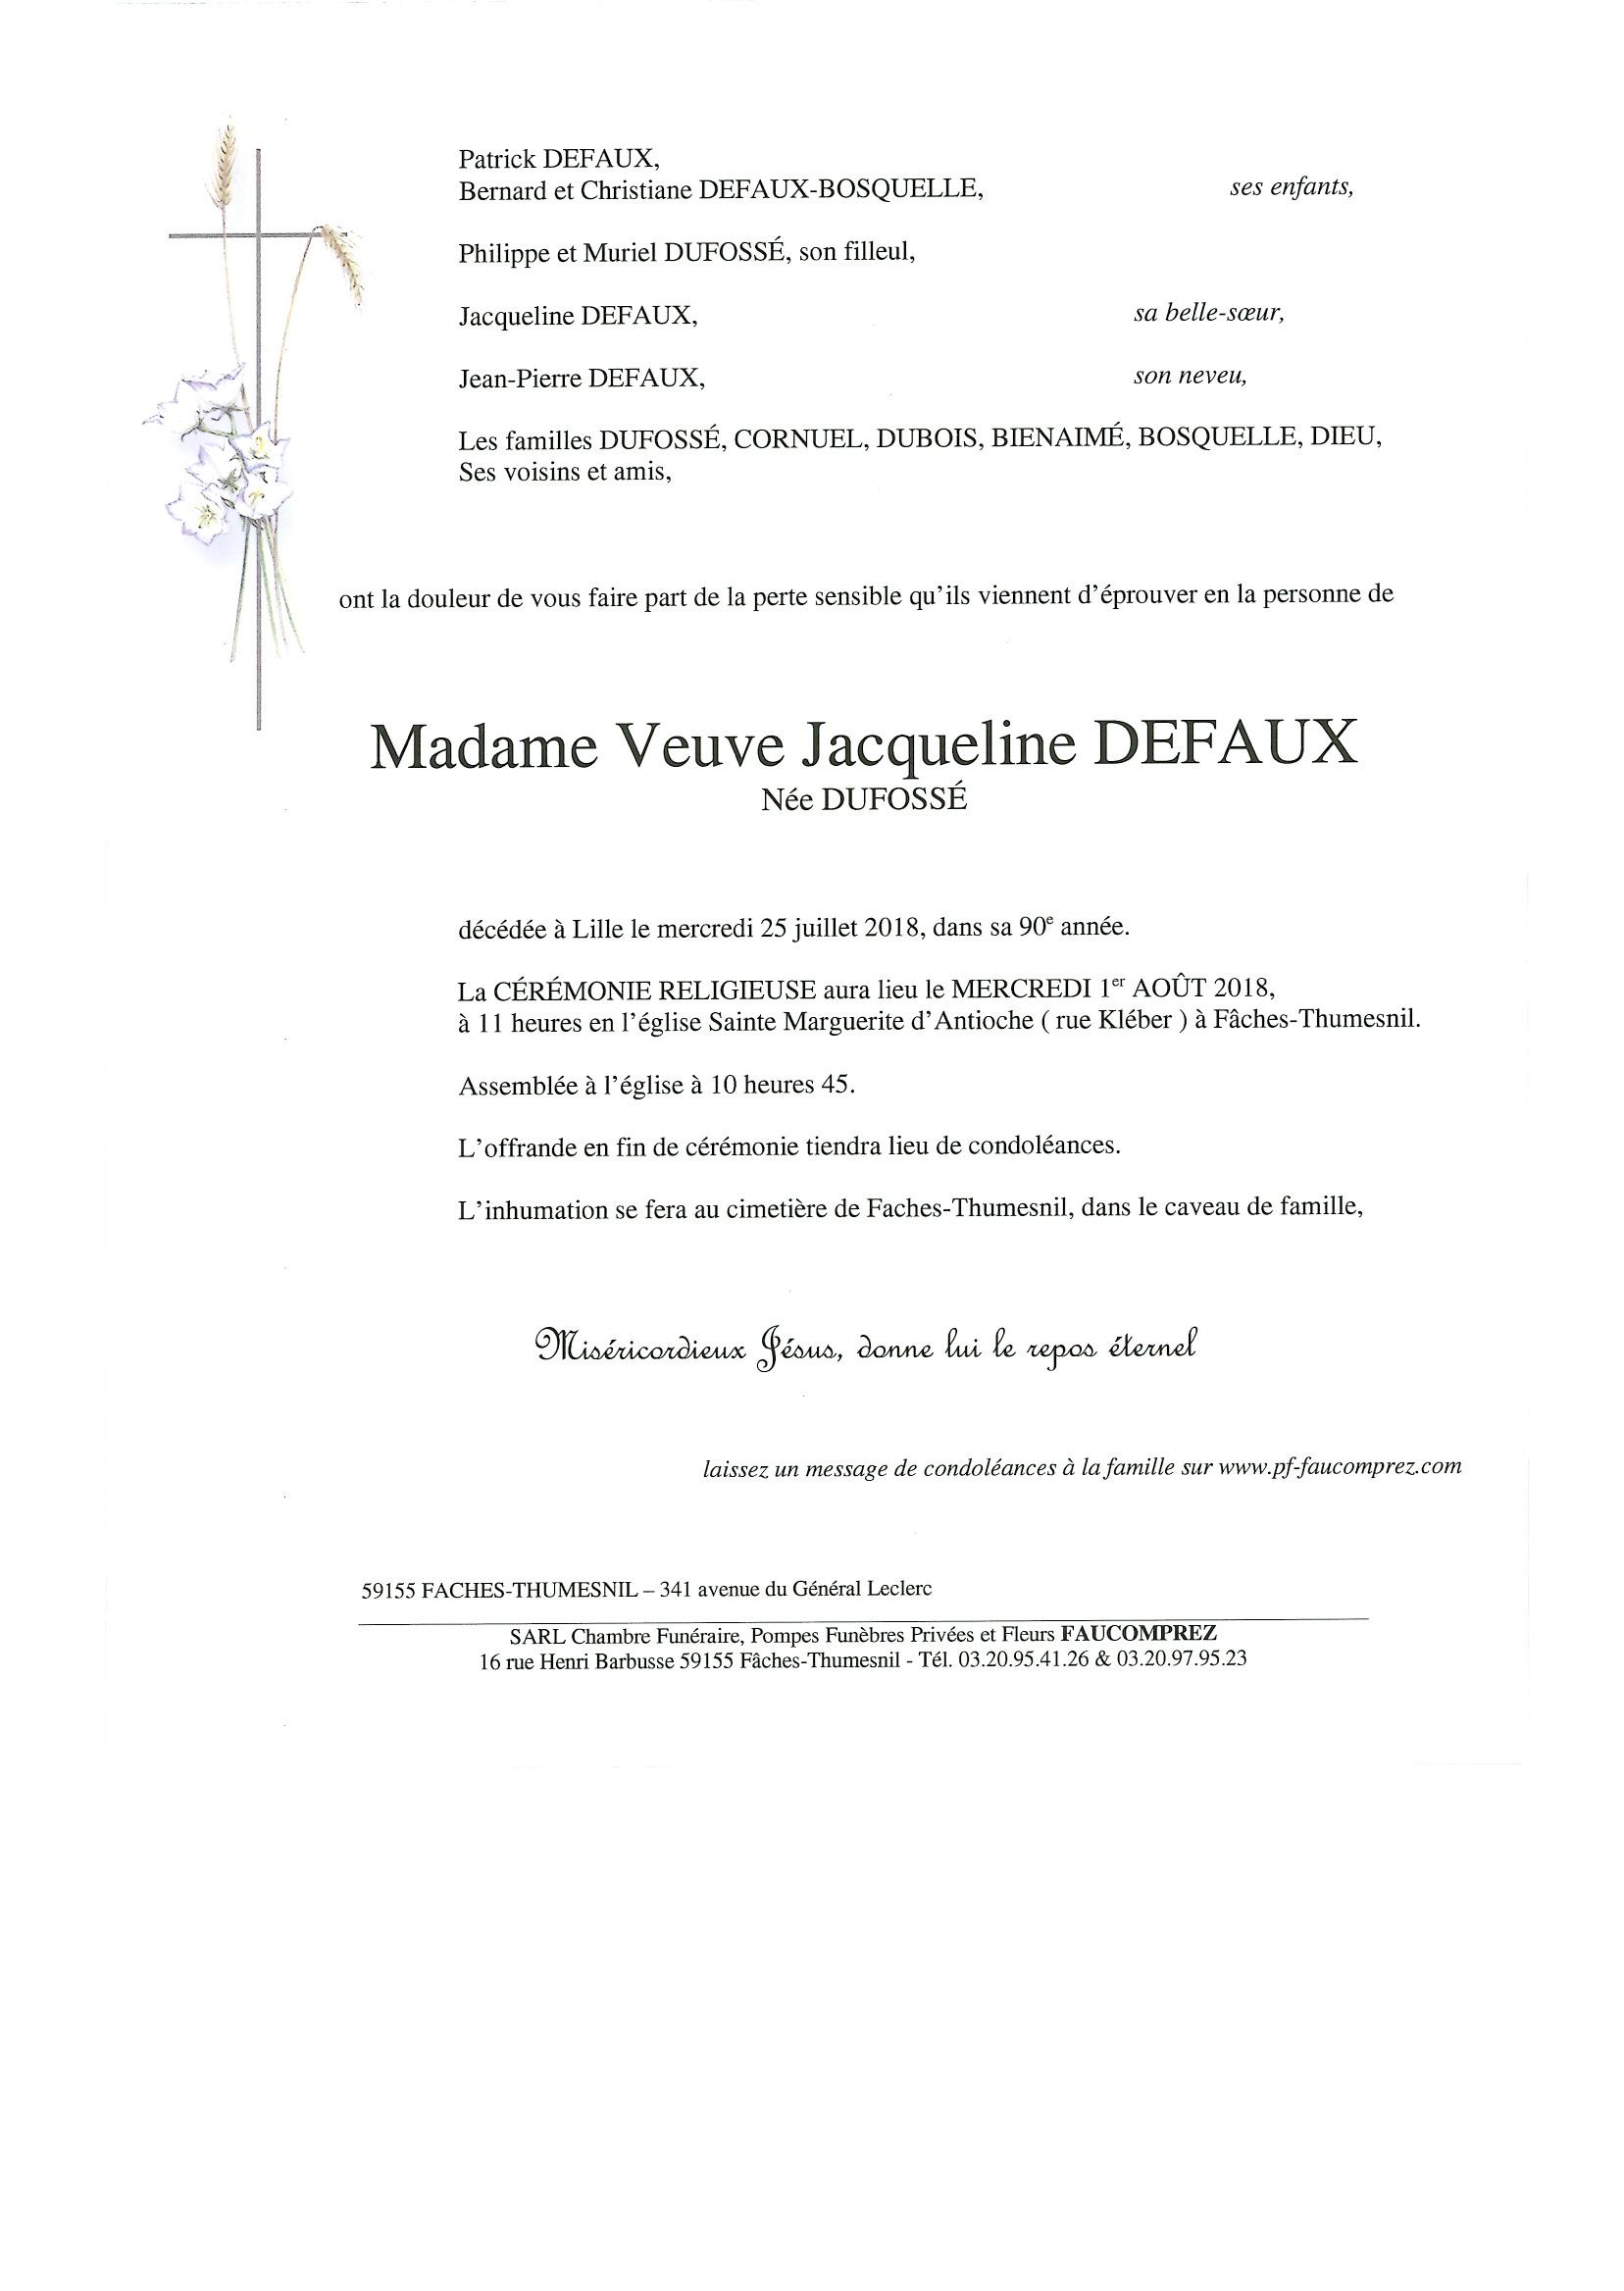 madame jacqueline defaux pompes fun bres faucomprez. Black Bedroom Furniture Sets. Home Design Ideas